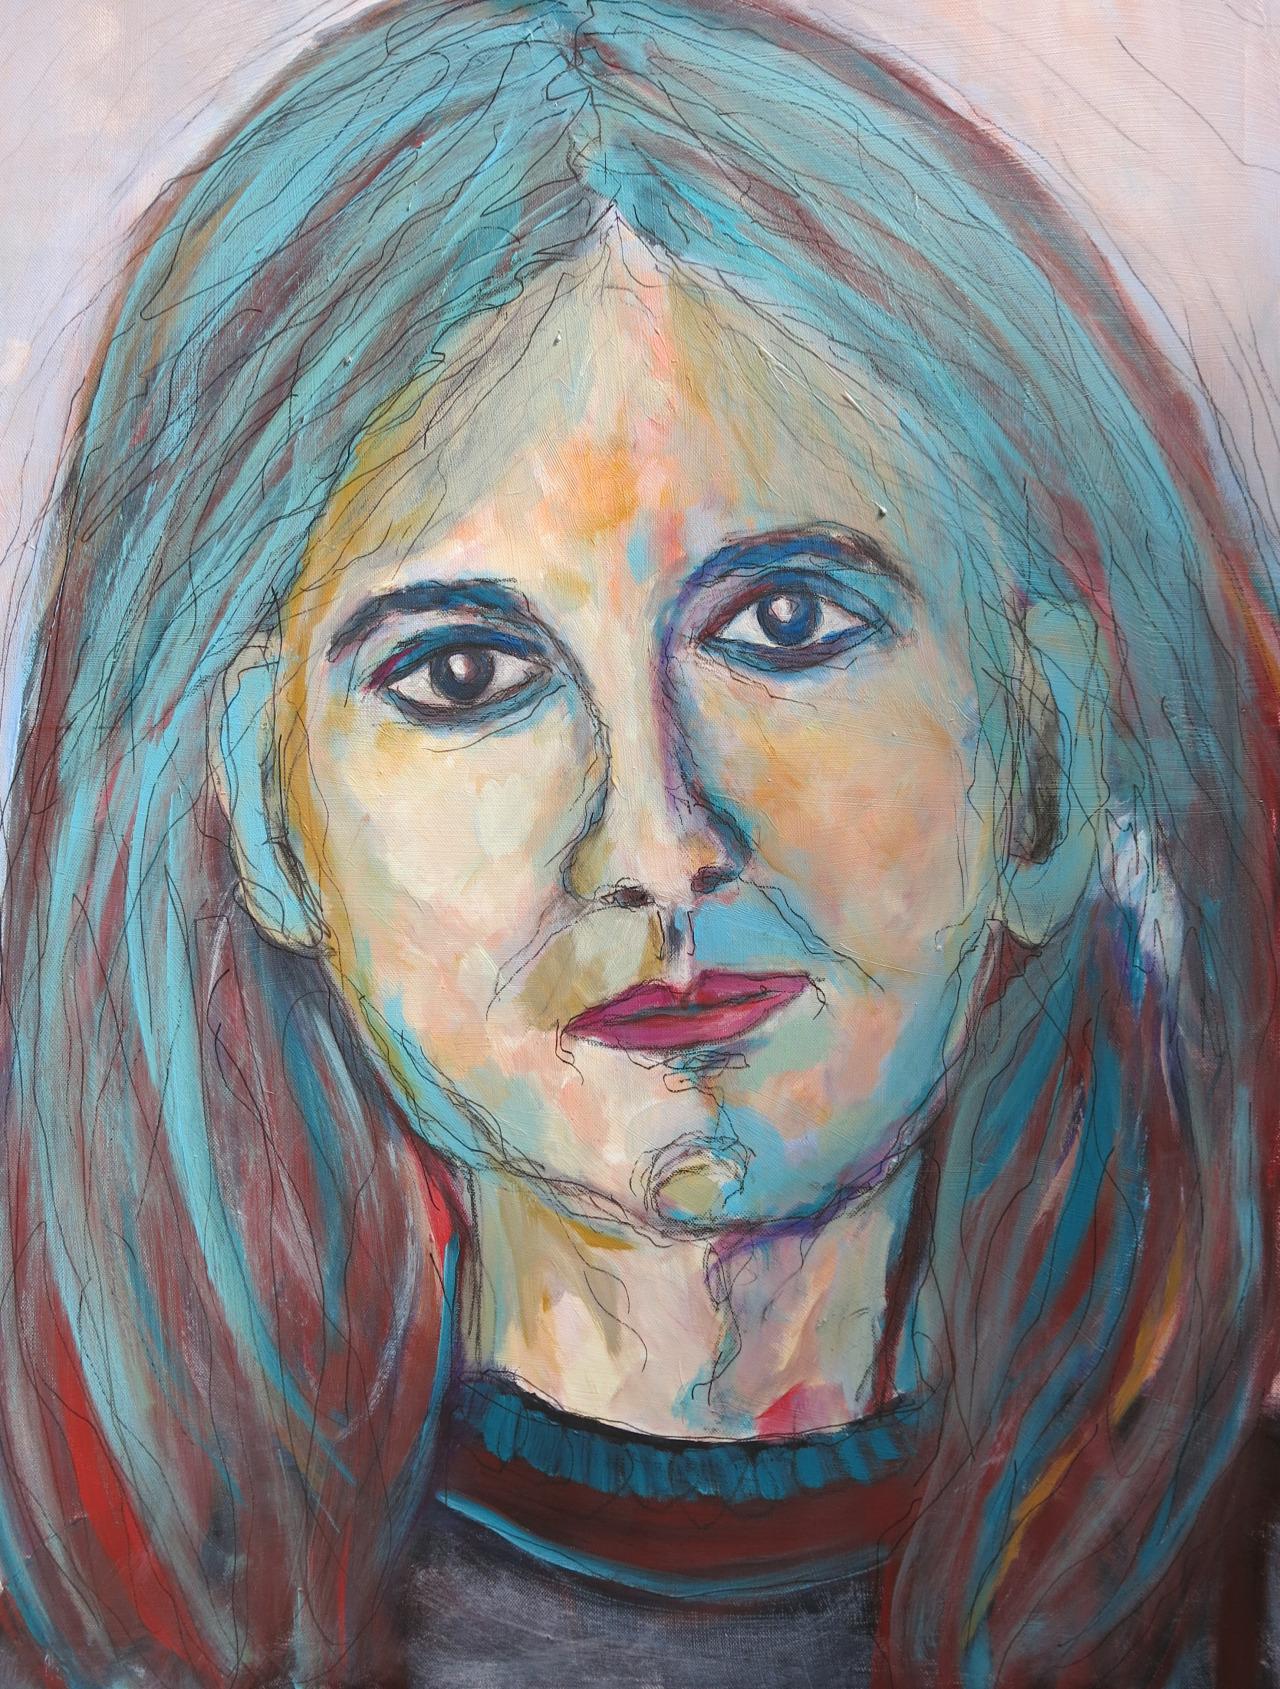 Mariola V, Mischtechnik auf Leinwand, 70x50 cm, 2014